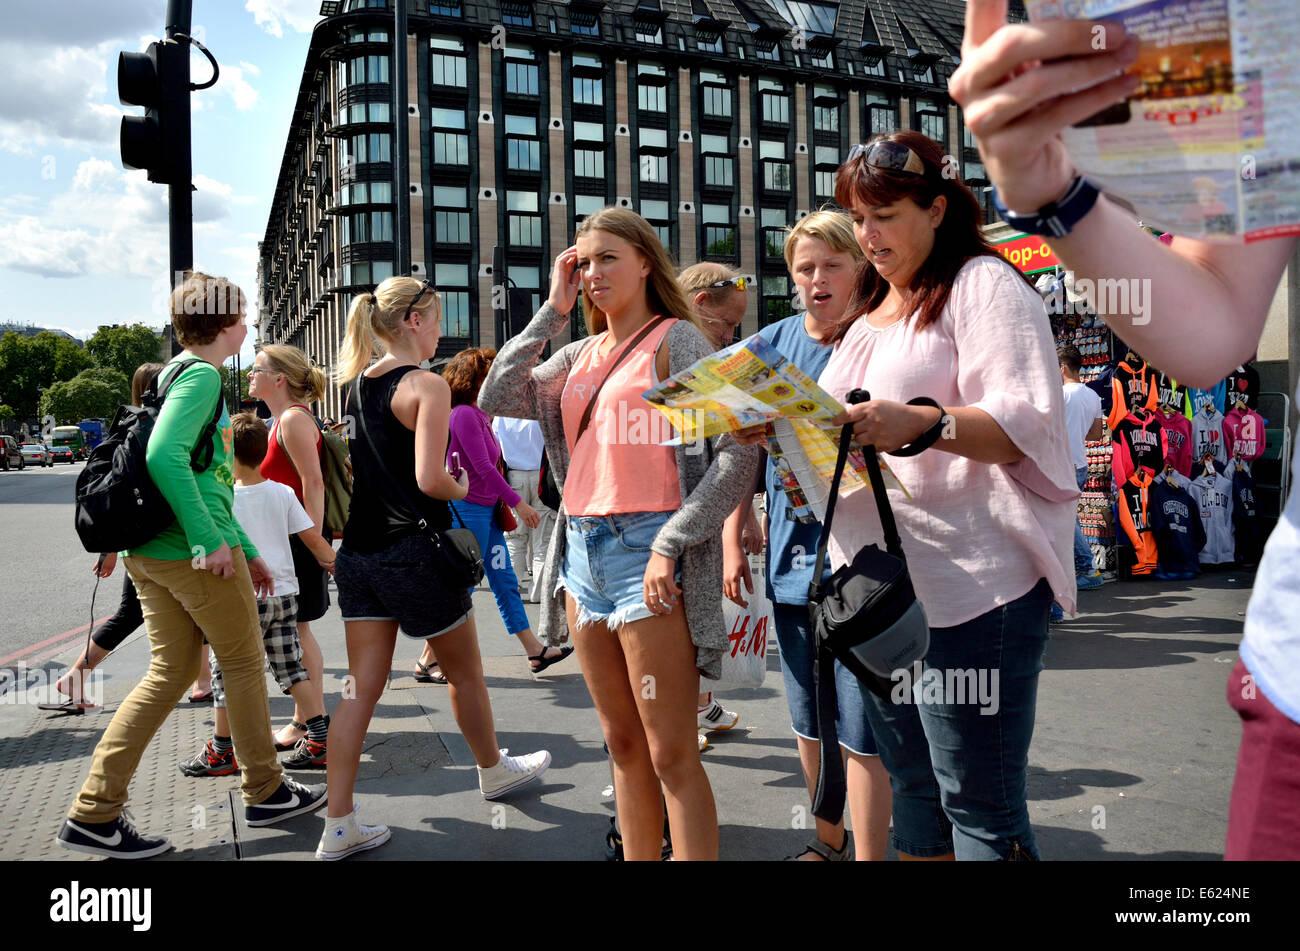 Londra, Inghilterra, Regno Unito. Famiglia guardando una mappa sul Westminster Bridge - Portcullis House dietro Foto Stock